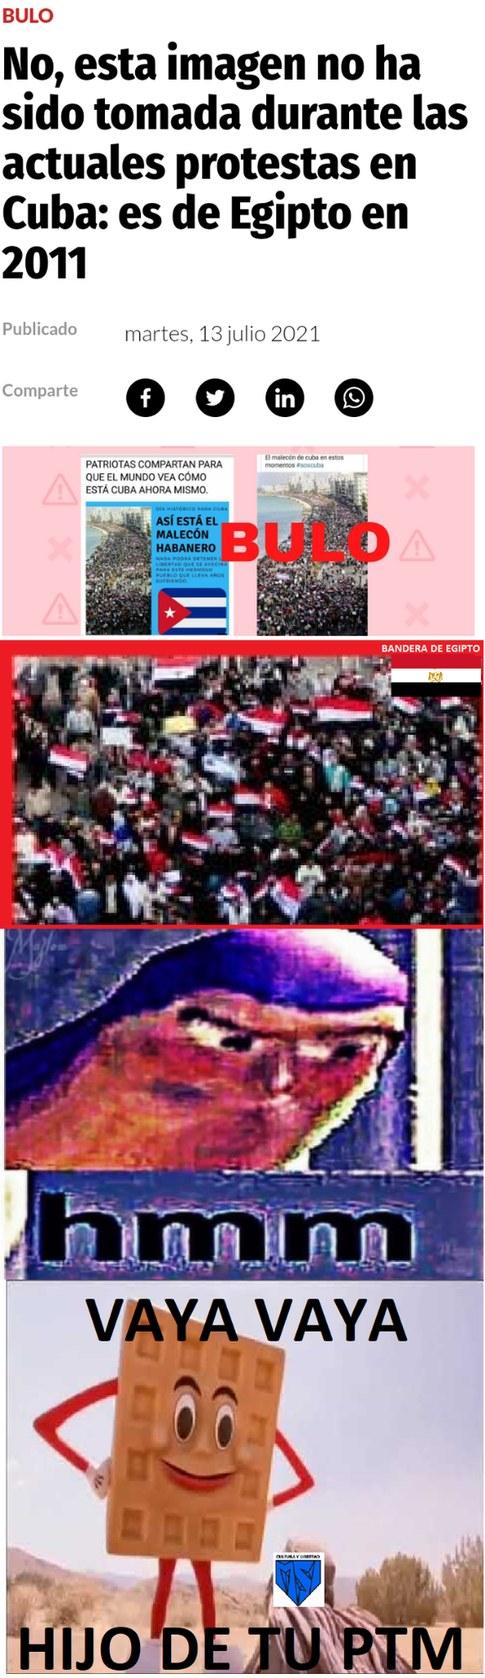 Lean el meme completo y contexto es que en Twitter pudieron manifestaciones en Egipto como si fuera en cuba y los descubieron